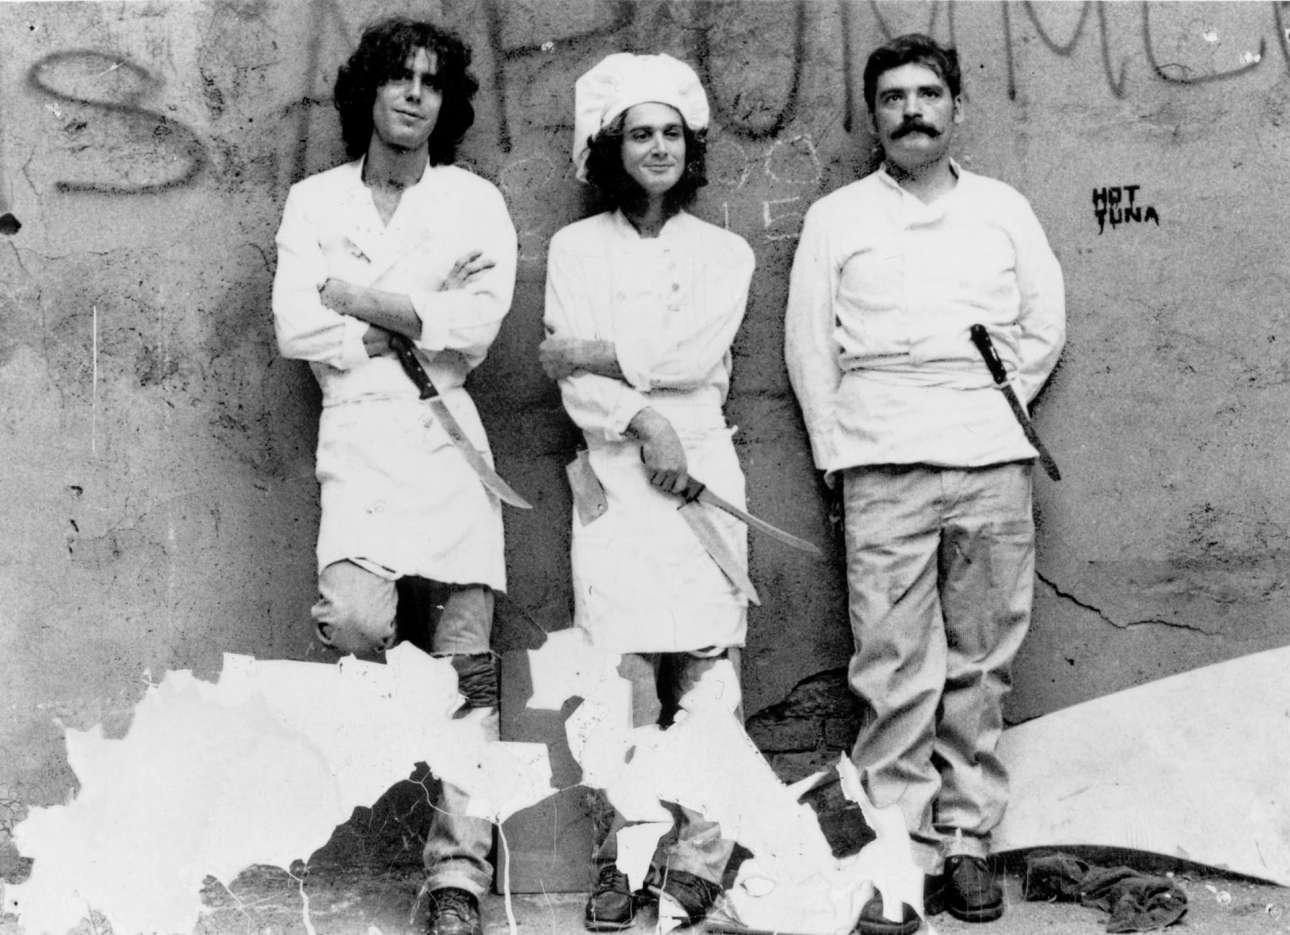 Δεκαετία του 1980 ένας άσημος μάγειρας, ποζάρει με συναδέλφους του στη Νέα Υόρκη